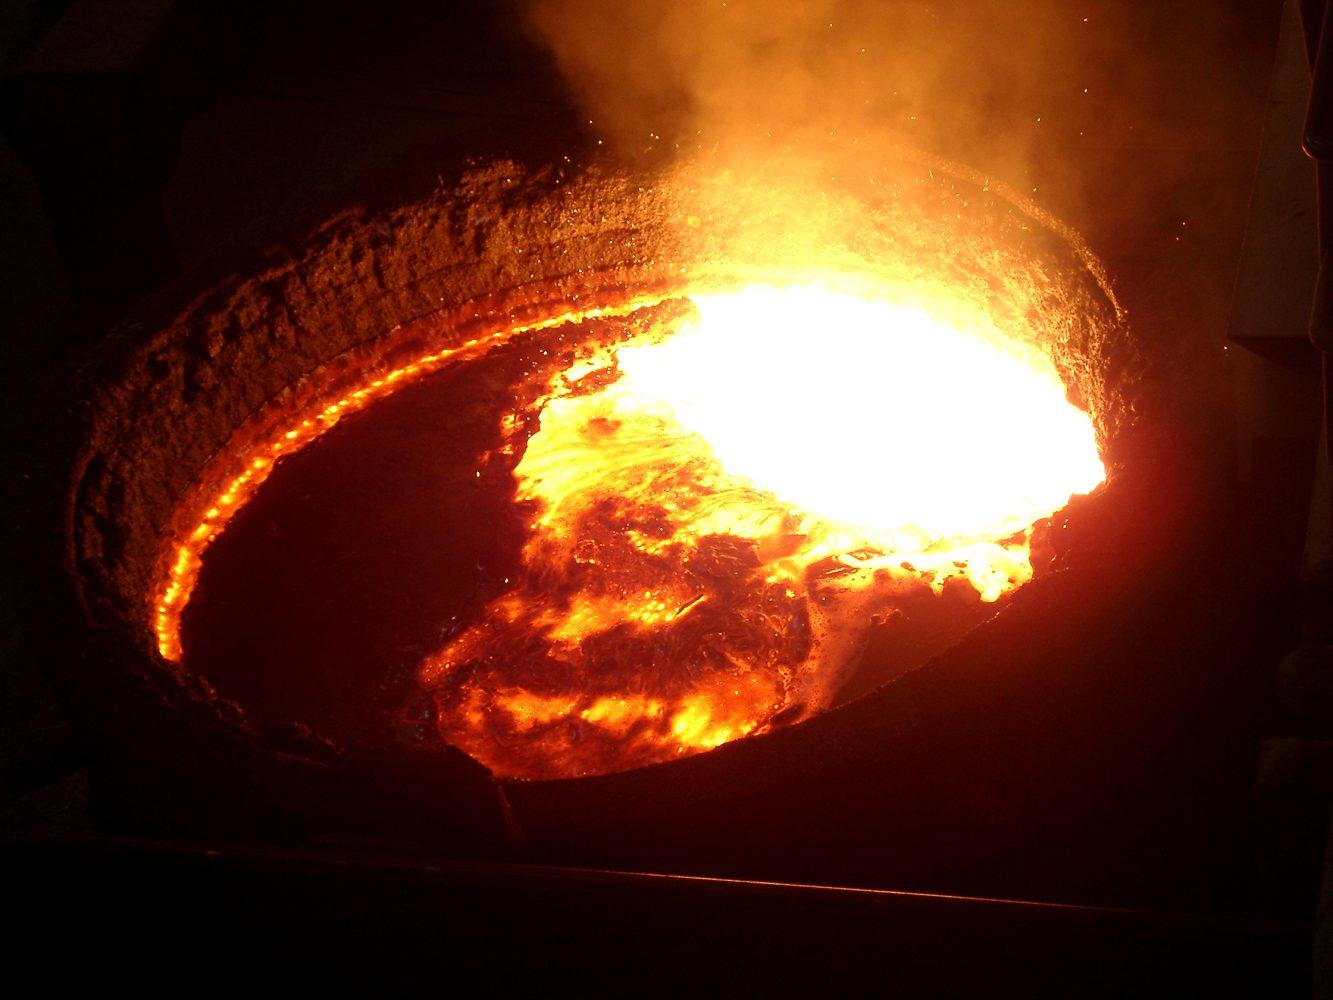 Schmelzbadoberfläche einer gasgerührten Stahlwerkspfanne